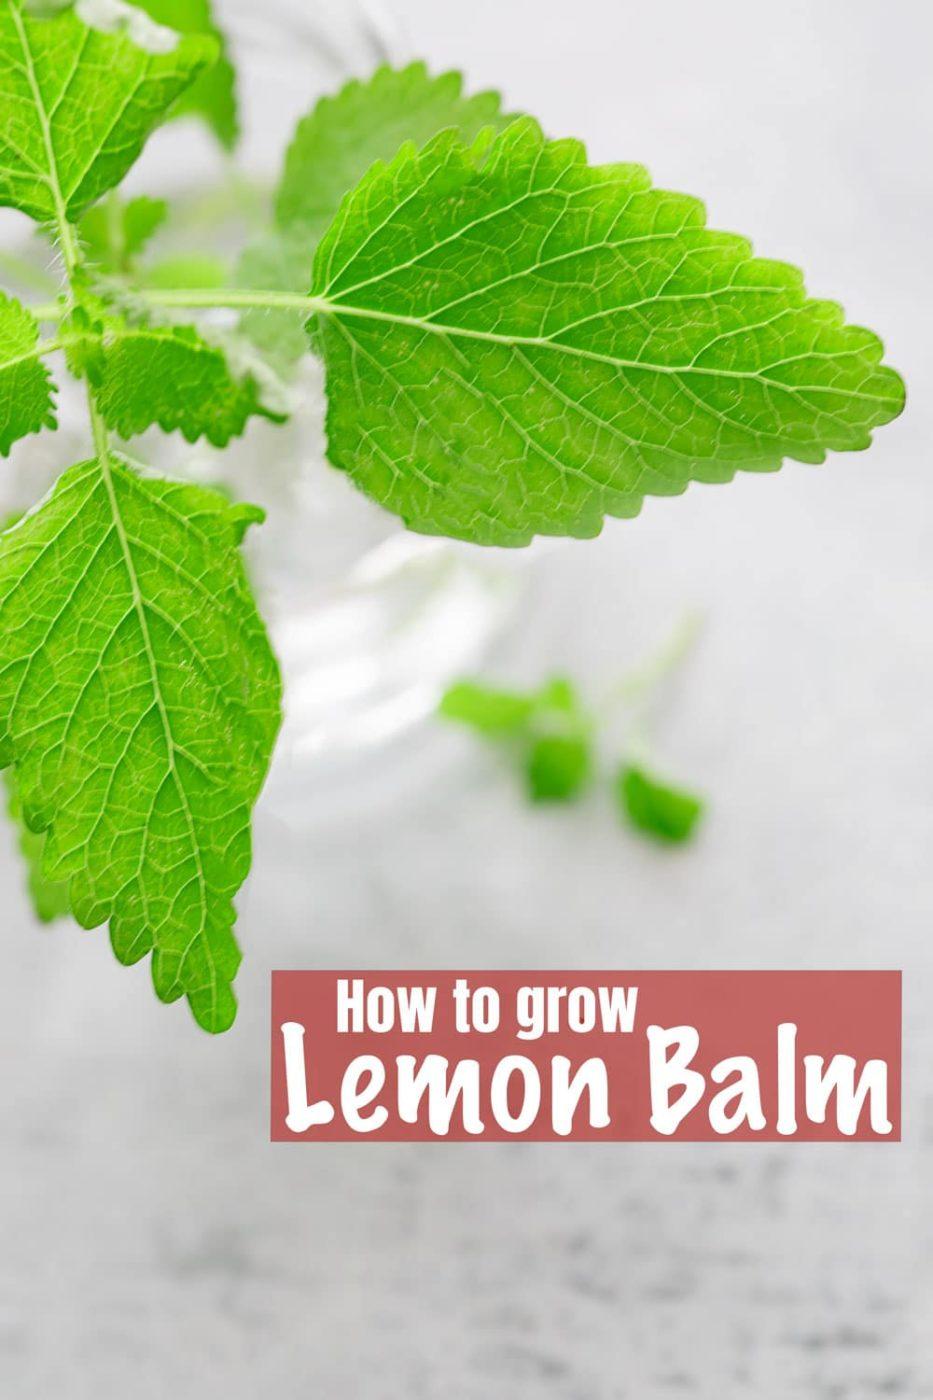 macro photo of a lemon balm leaf